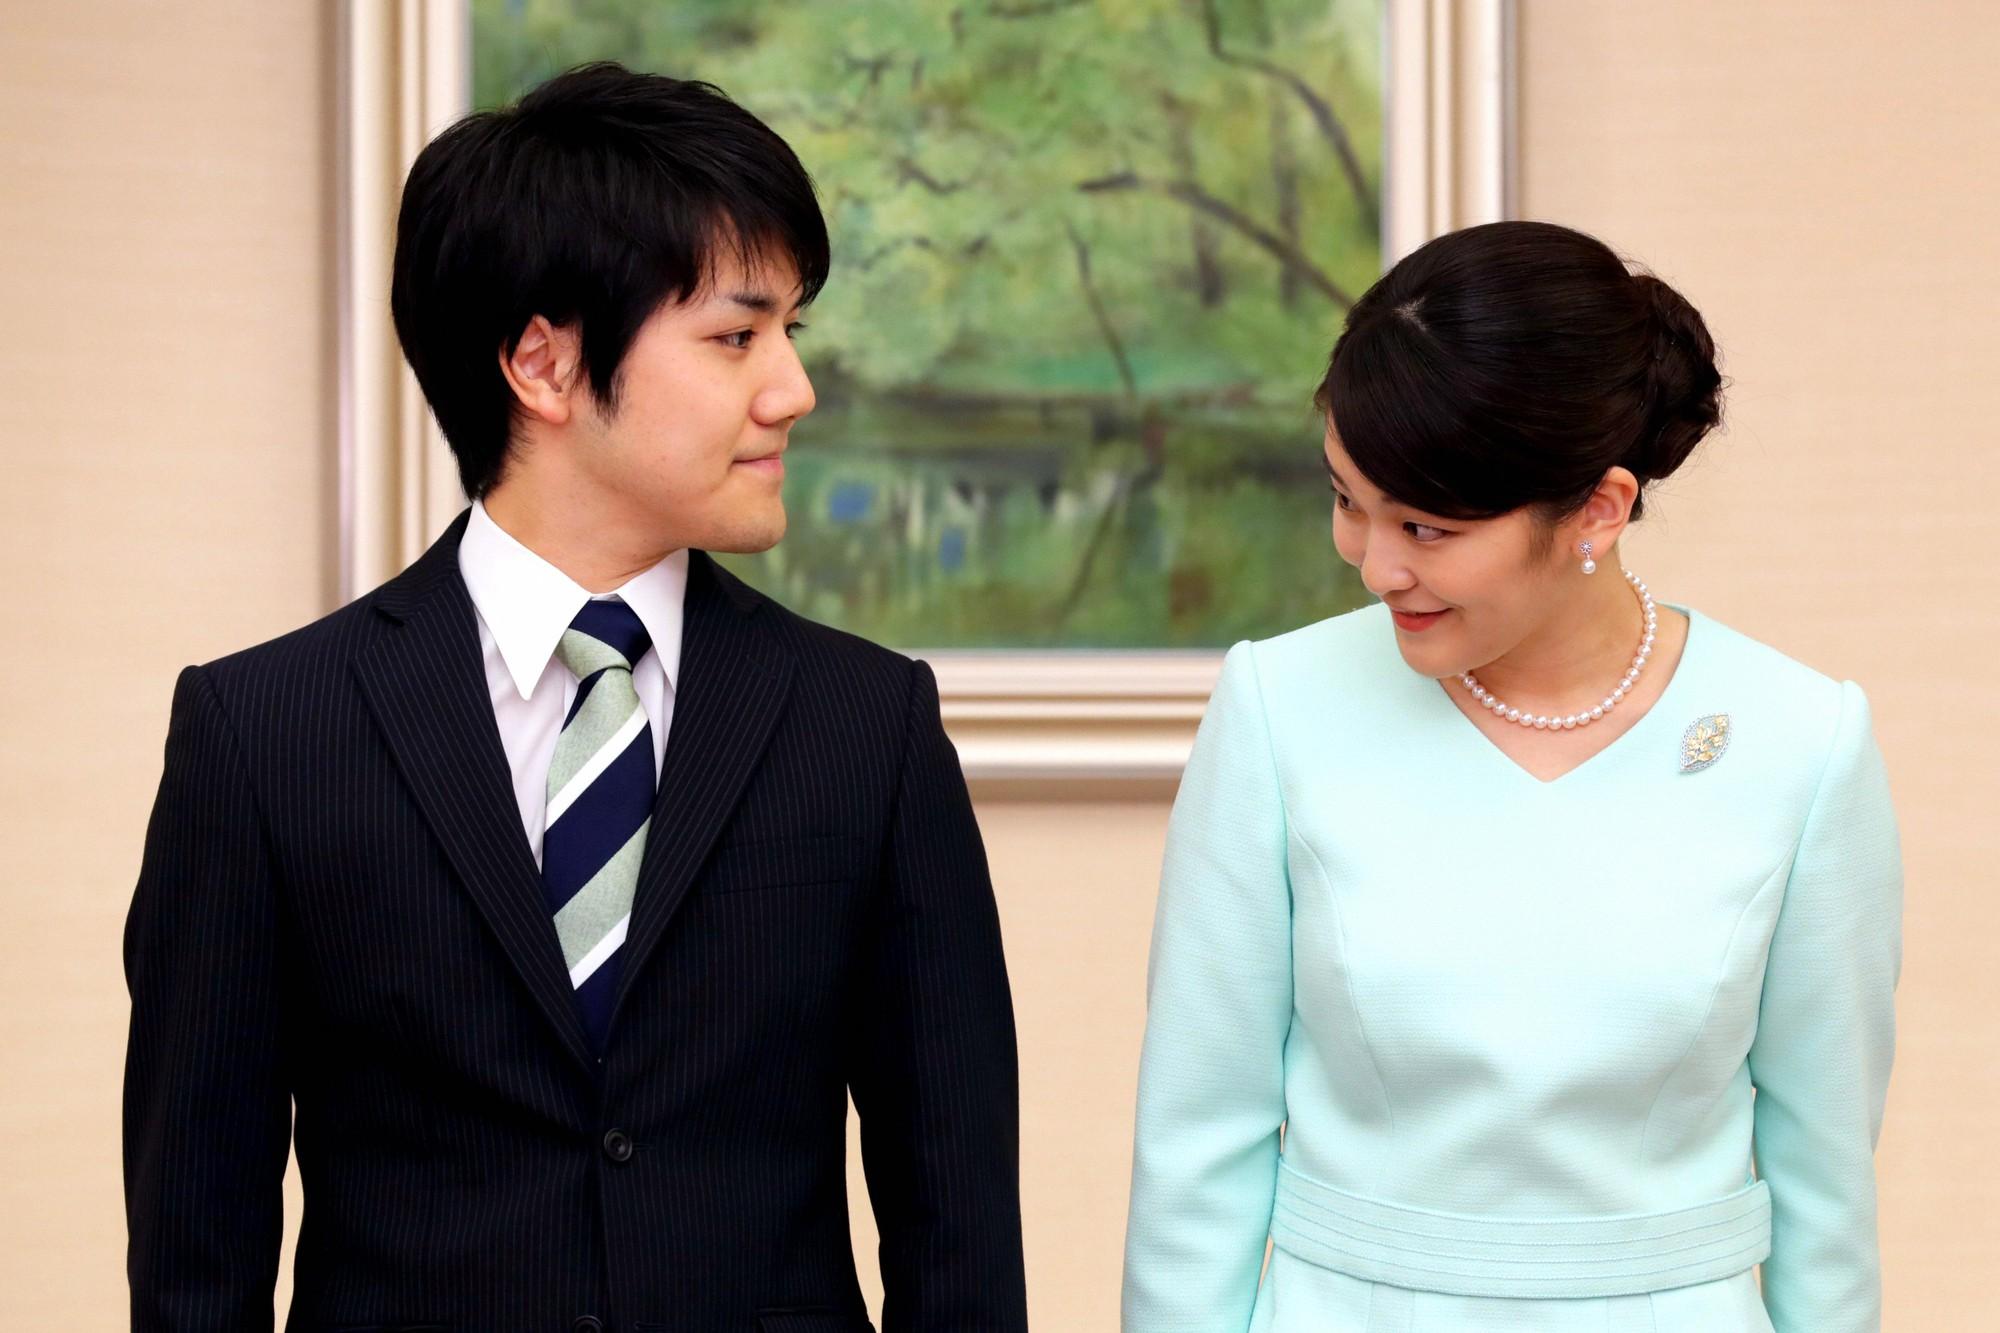 Mako nàng công chúa Nhật Bản: Rời hoàng tộc vì tình yêu, chấp nhận chờ hoàng tử trả nợ xong mới cưới - Ảnh 5.